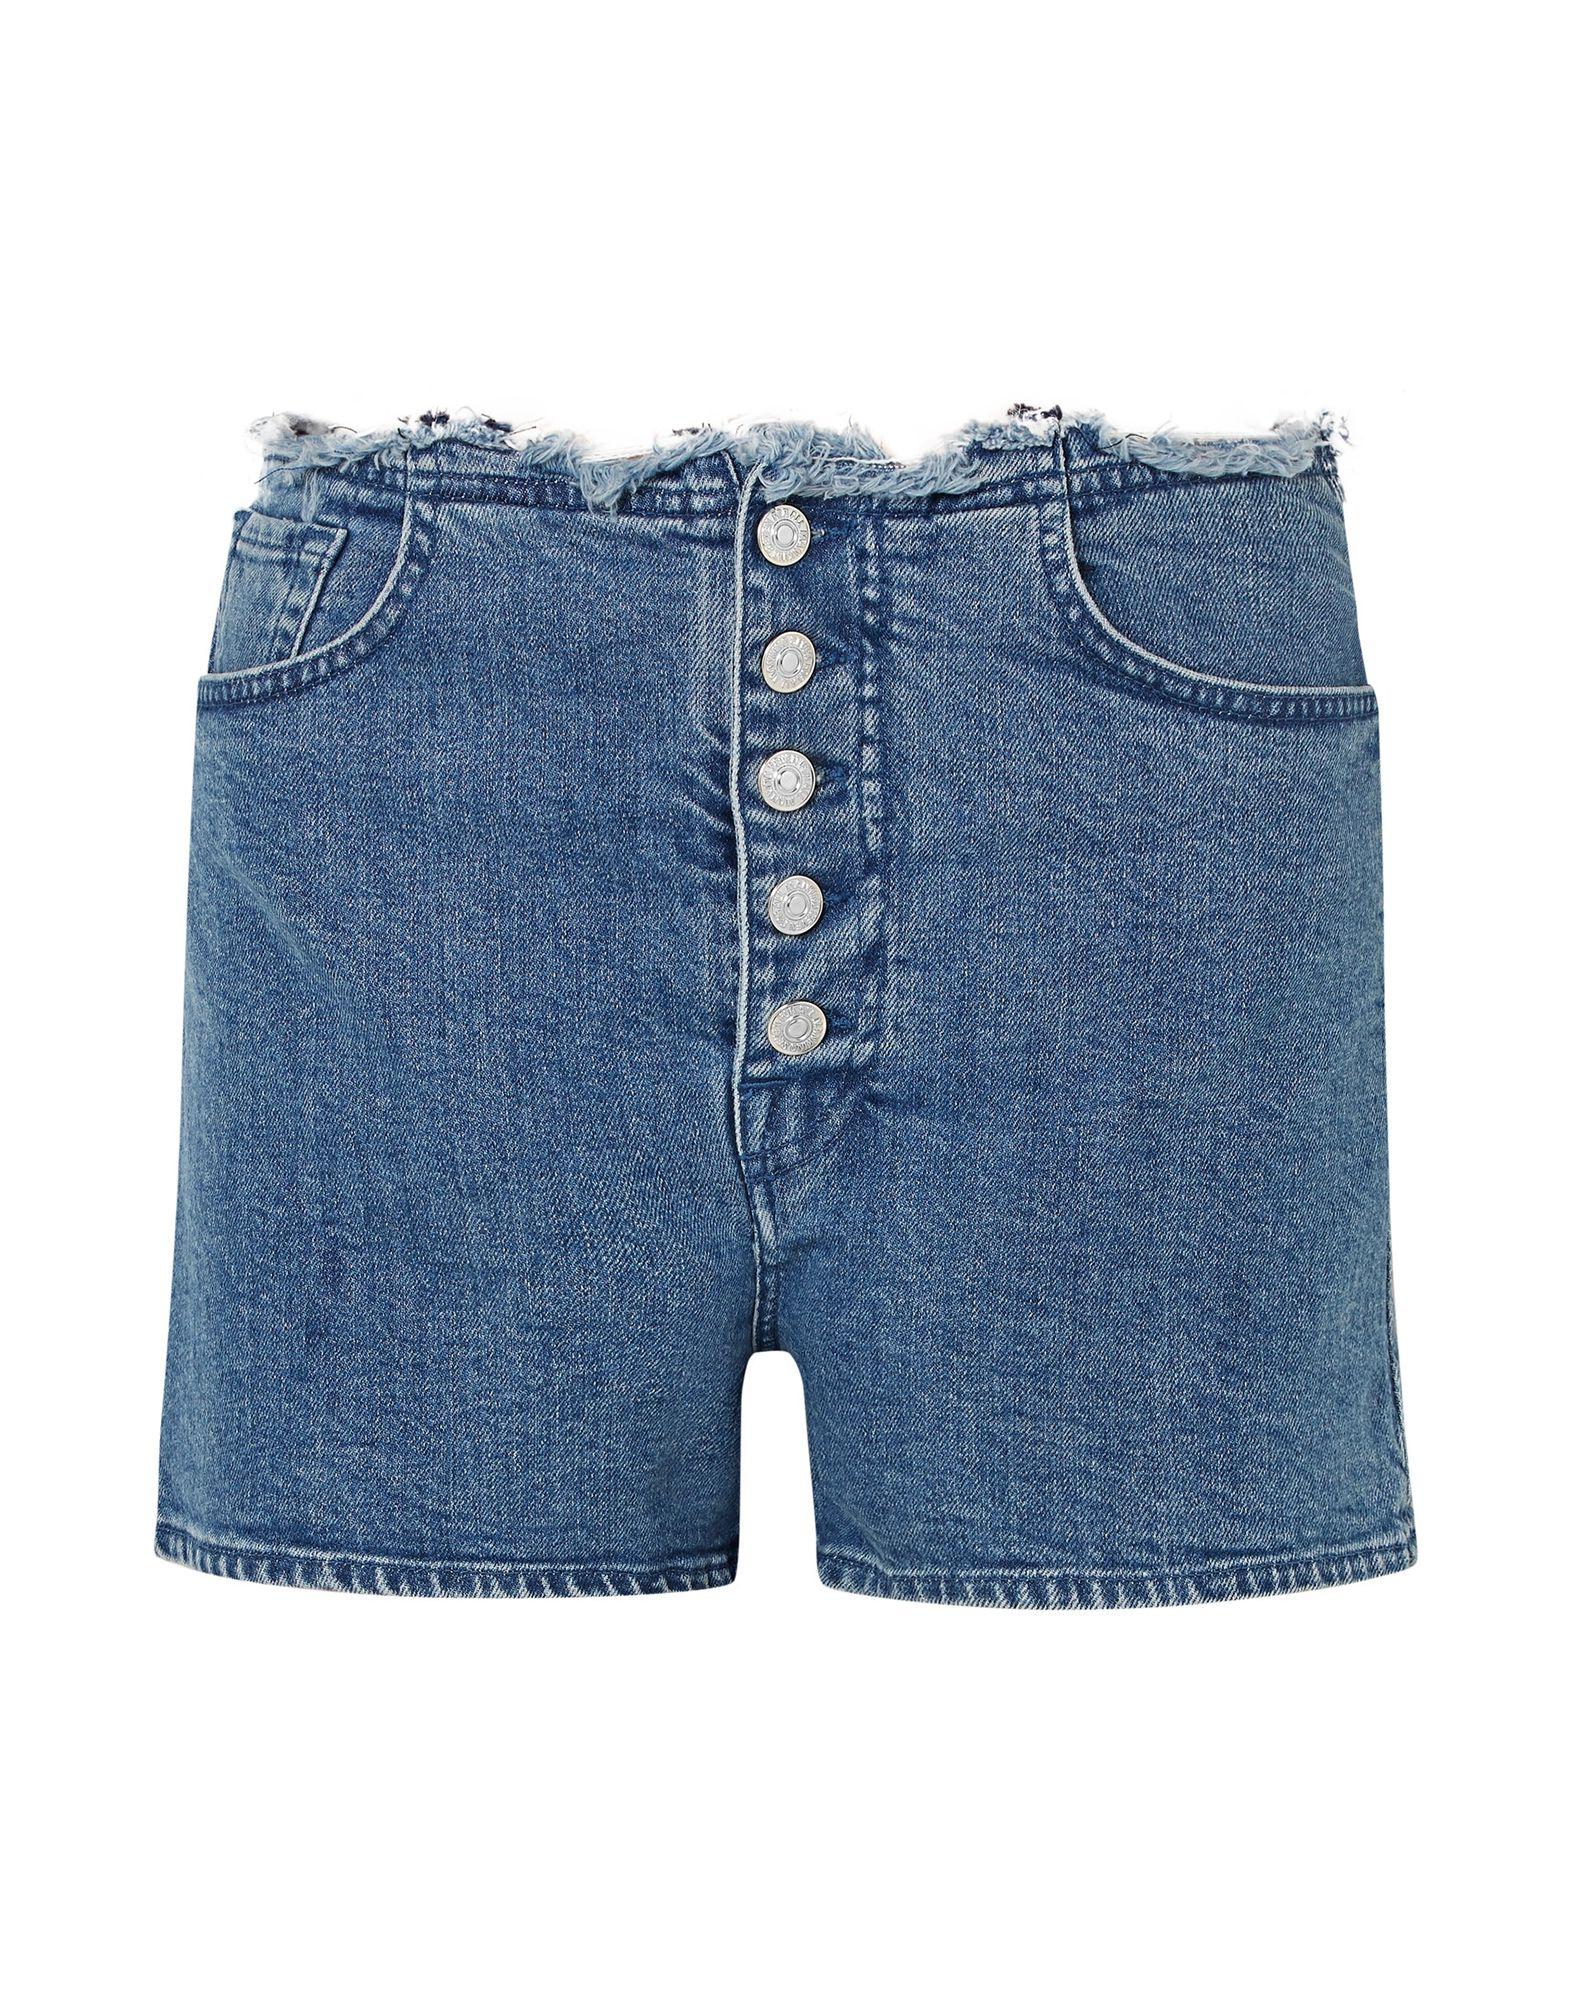 MARQUES' ALMEIDA x 7 FOR ALL MANKIND Джинсовые шорты marques almeida джинсовые шорты